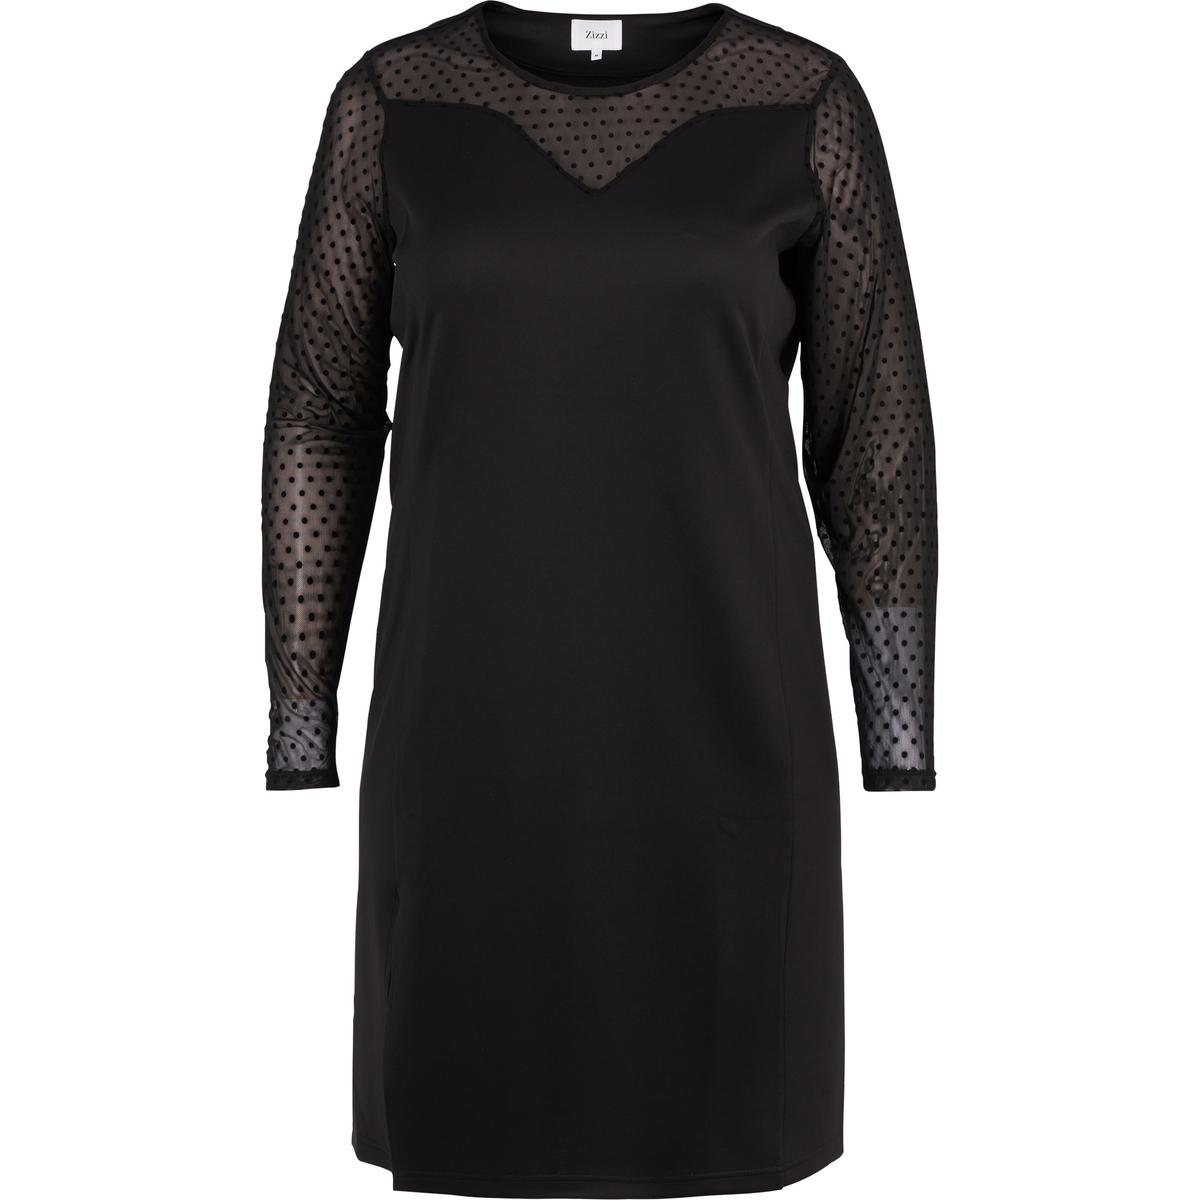 Платье прямое однотонное, средней длины, с длинными рукавамиДетали •  Форма : прямая •  Длина до колен •  Длинные рукава    •  Круглый вырезСостав и уход •  5% эластана, 95% полиэстера  •  Следуйте советам по уходу, указанным на этикеткеТовар из коллекции больших размеров<br><br>Цвет: черный<br>Размер: 54/56 (FR) - 60/62 (RUS)